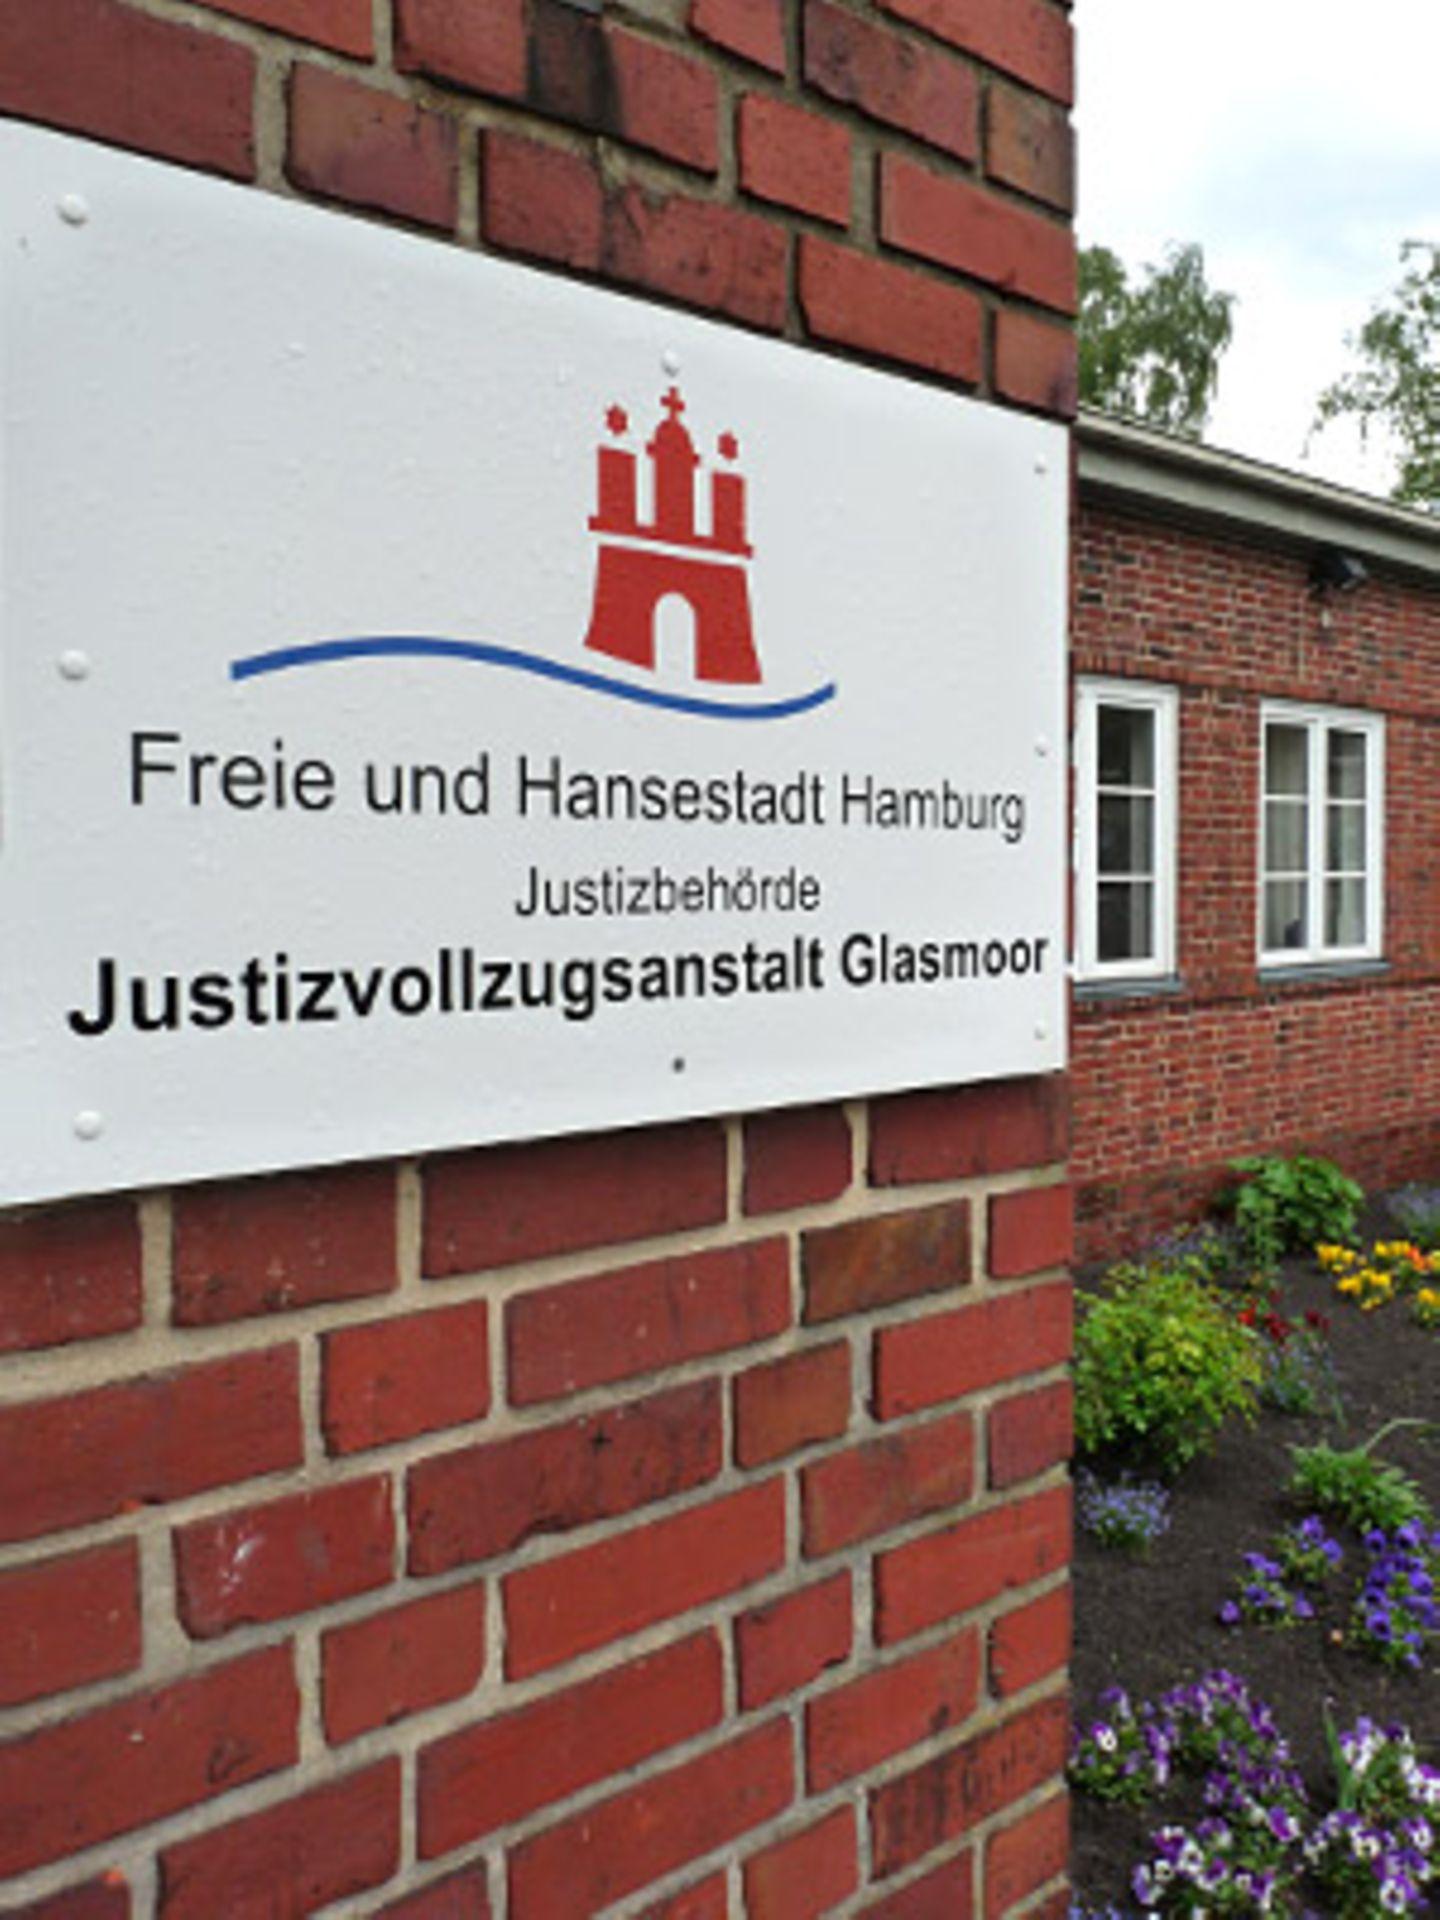 Die offene Justizvollzugsanstalt Glasmoor am Rande Hamburgs: Gitterstäbe und Stacheldraht? Fehlanzeige. Stattdessen: liebevoll gepflegte Gärten.